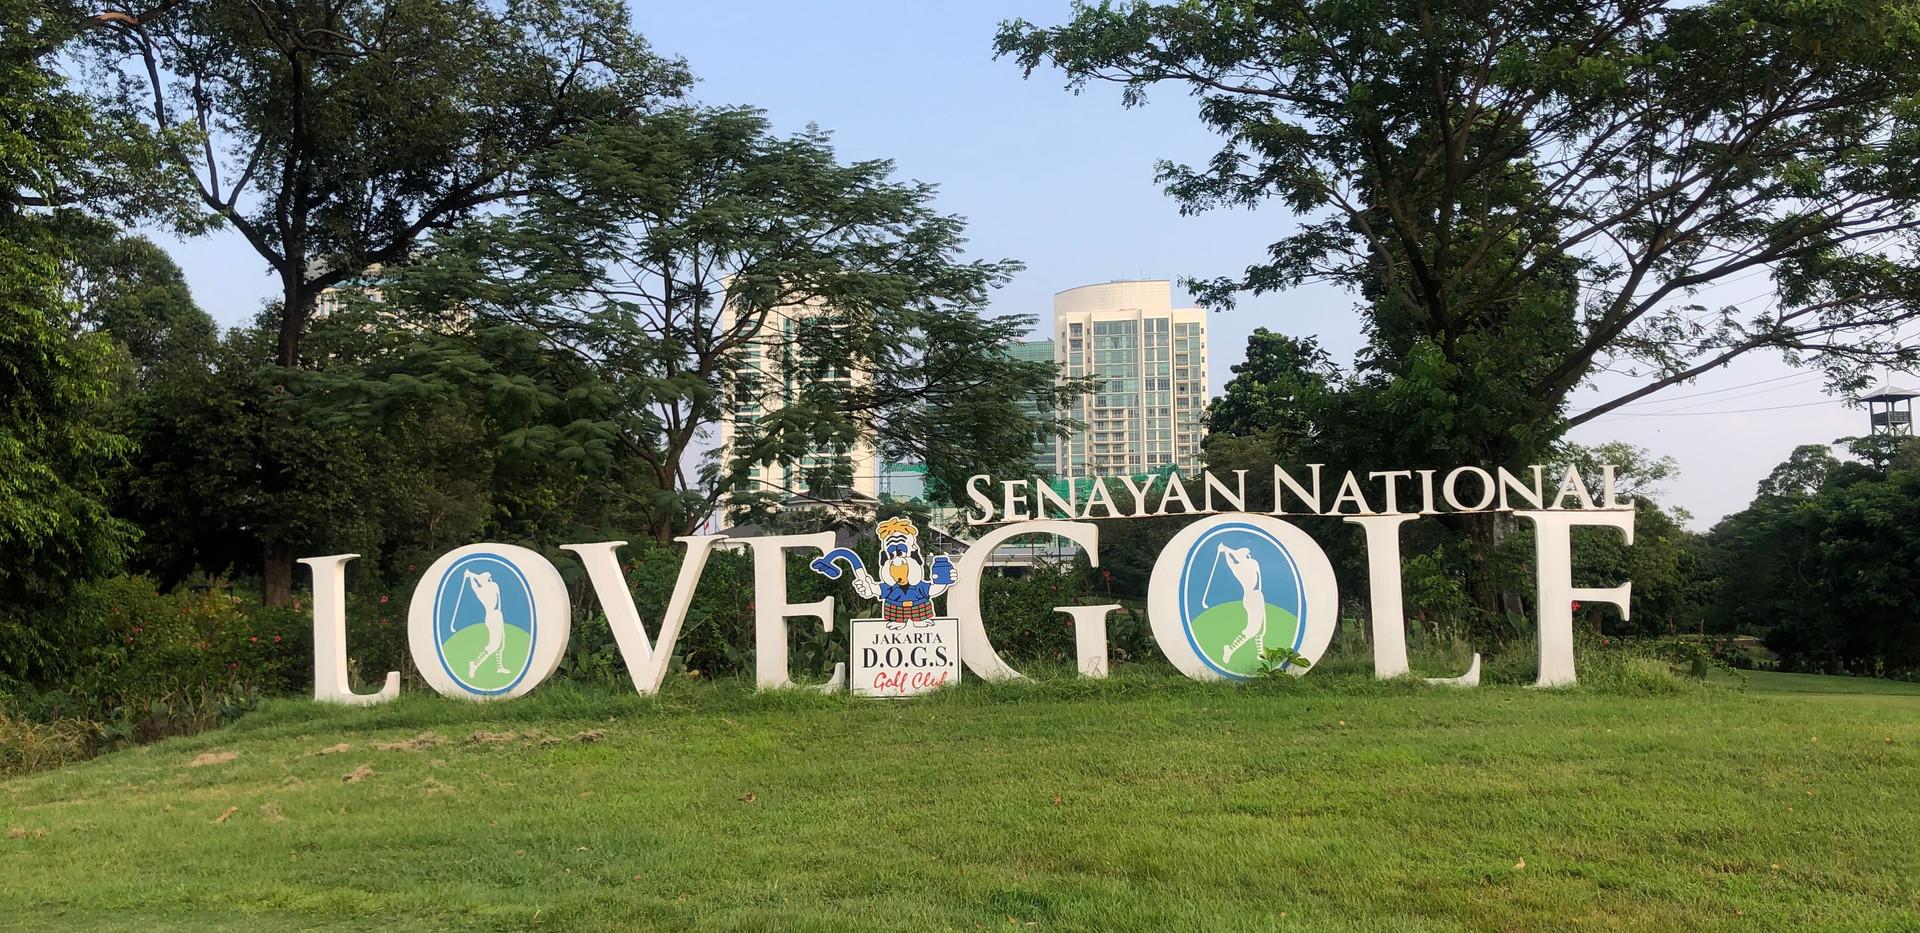 Senayan Week 2 Love Golf.jpg